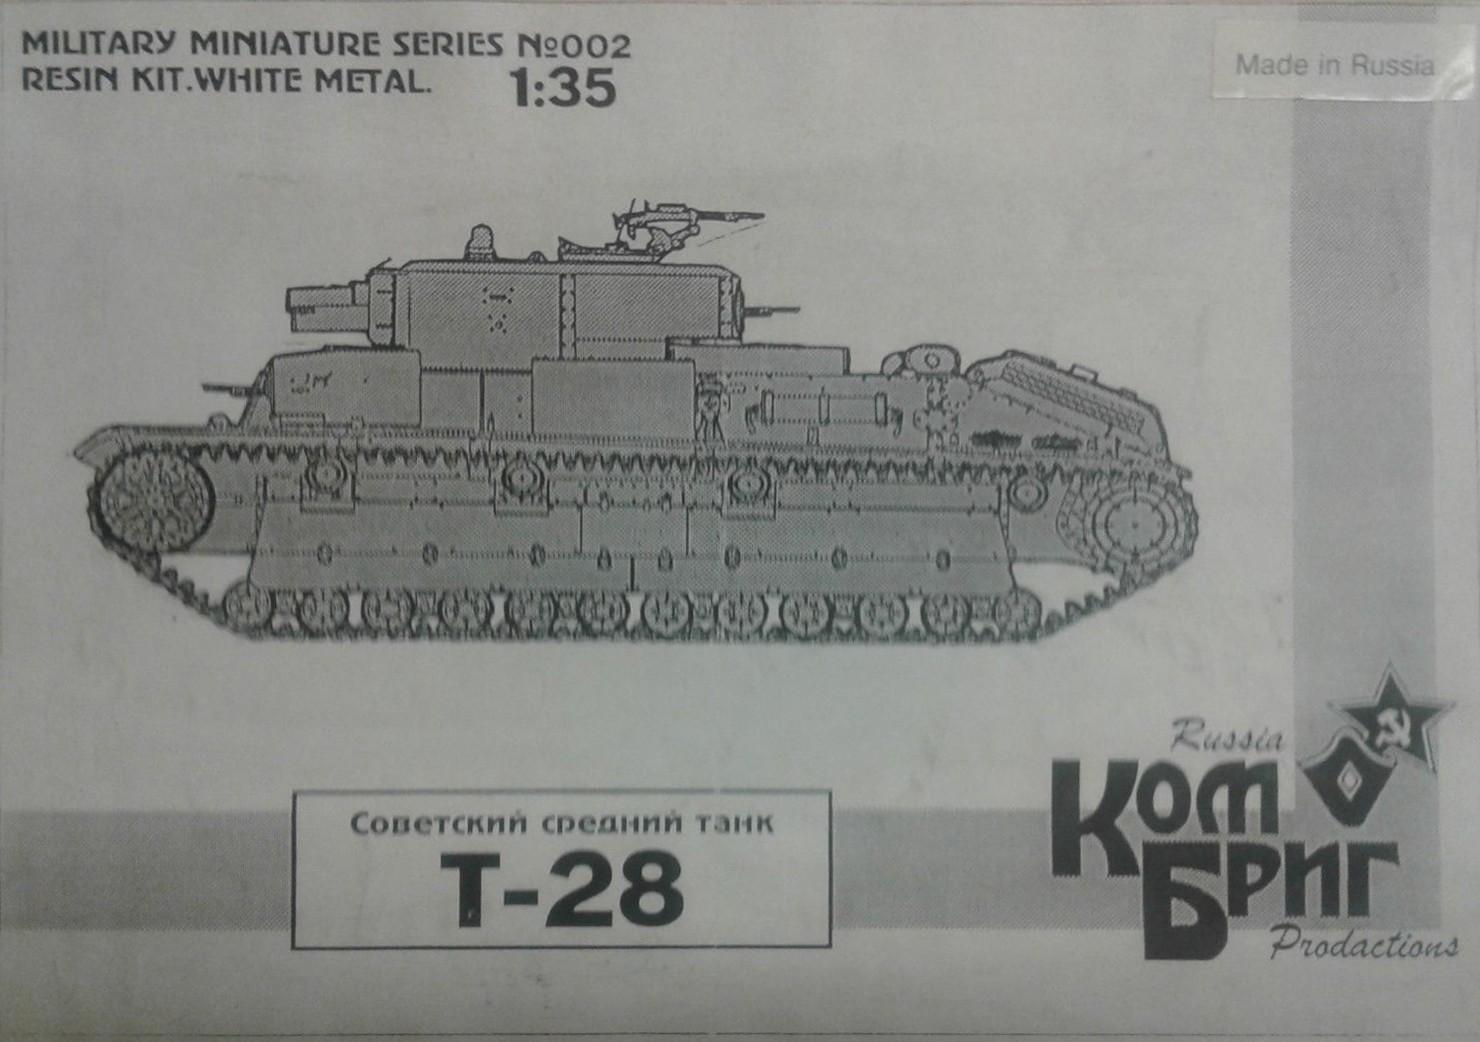 002 Soviet Medium Tank T-28 Image